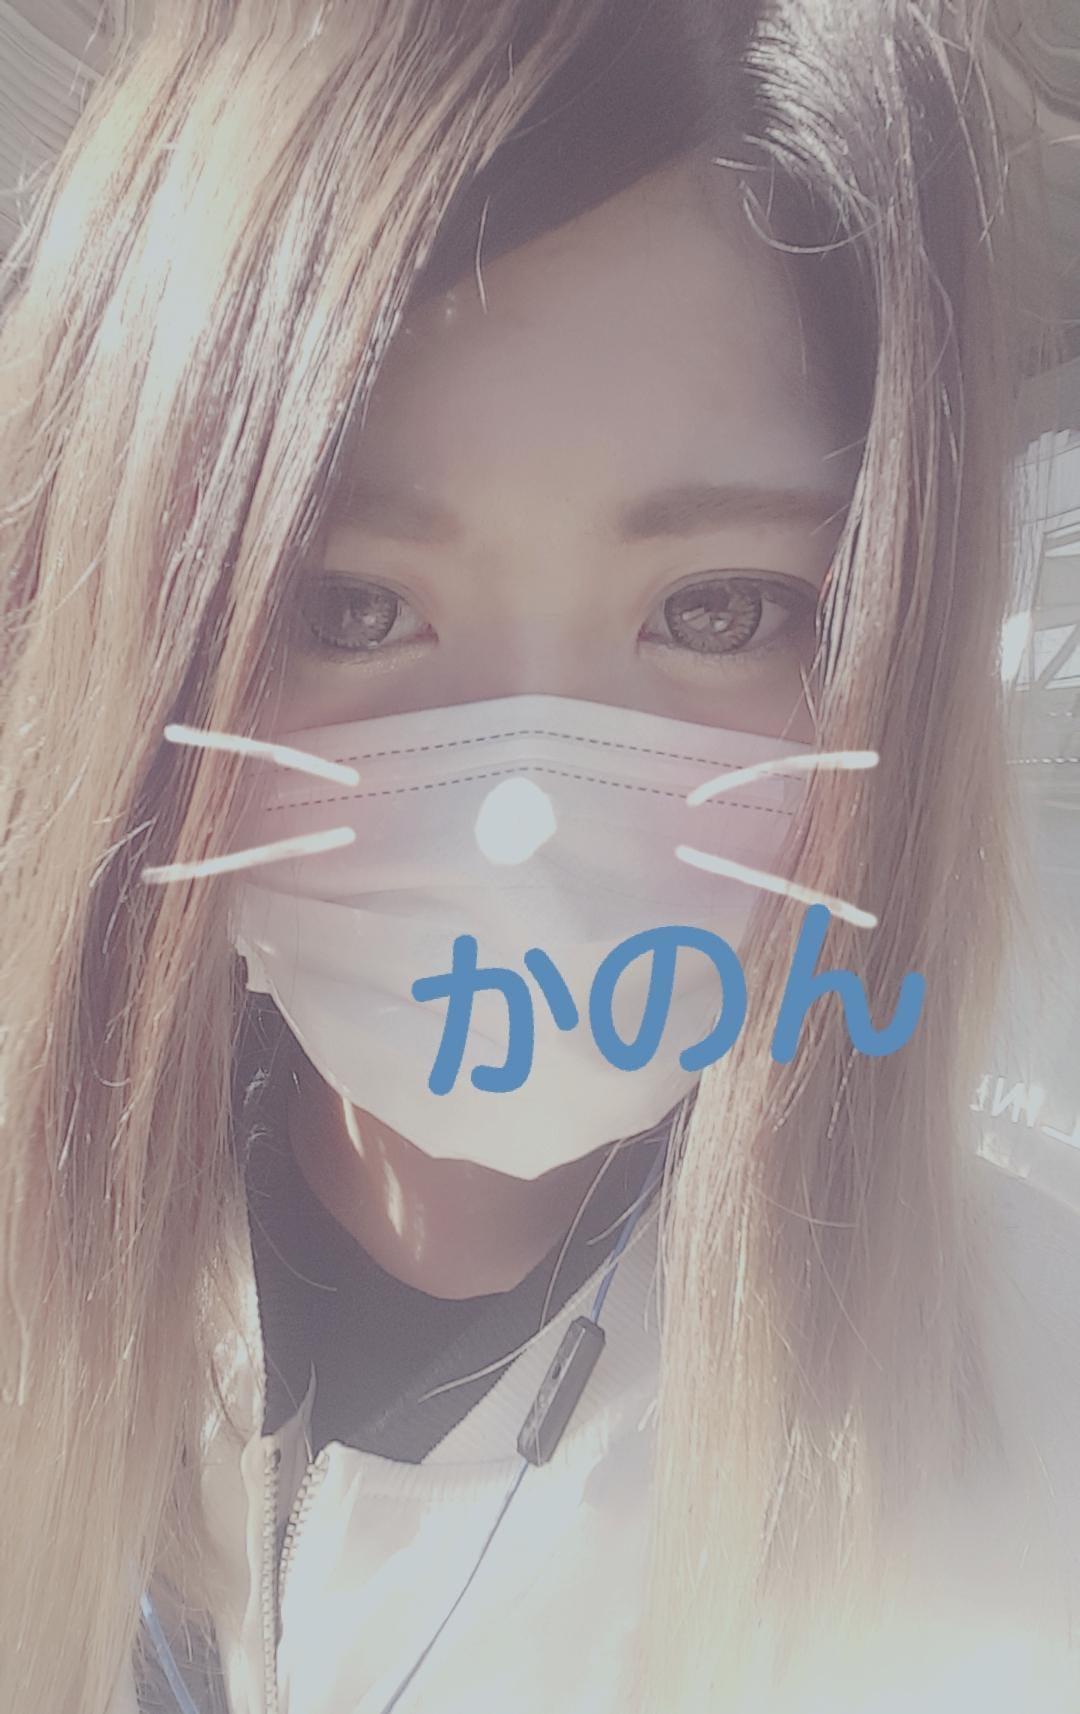 「おはよ( ??? )!」11/21(火) 10:07 | かのんの写メ・風俗動画